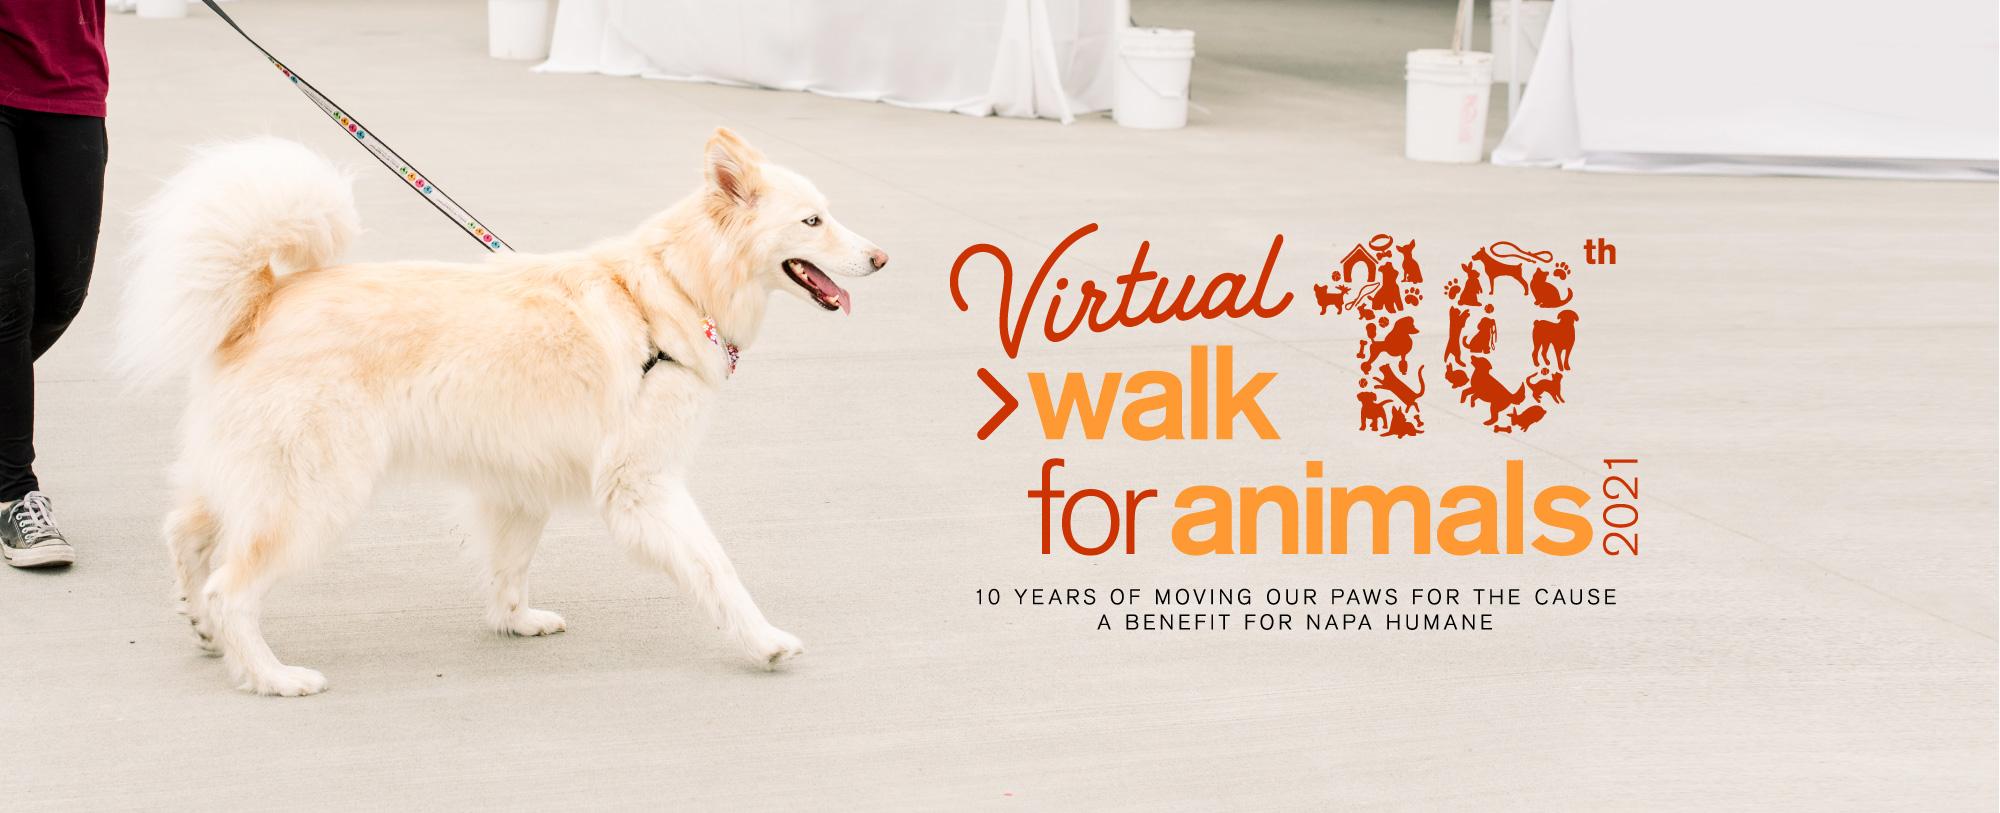 Napa Humane Society